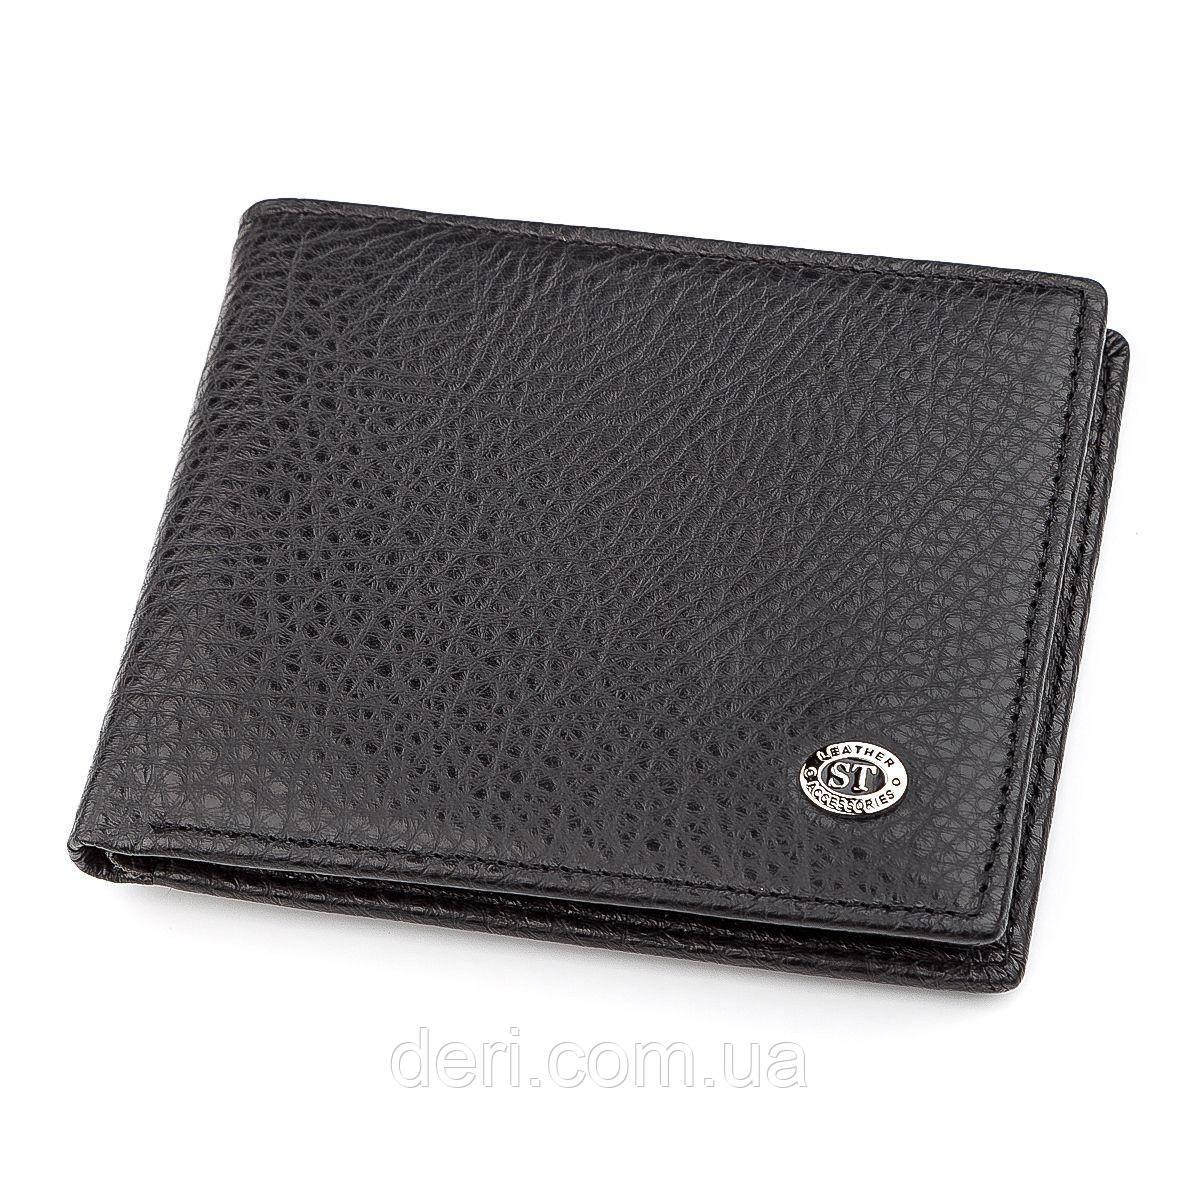 Мужской кошелек ST Leather 18319 (ST160) кожаный Черный, Черный